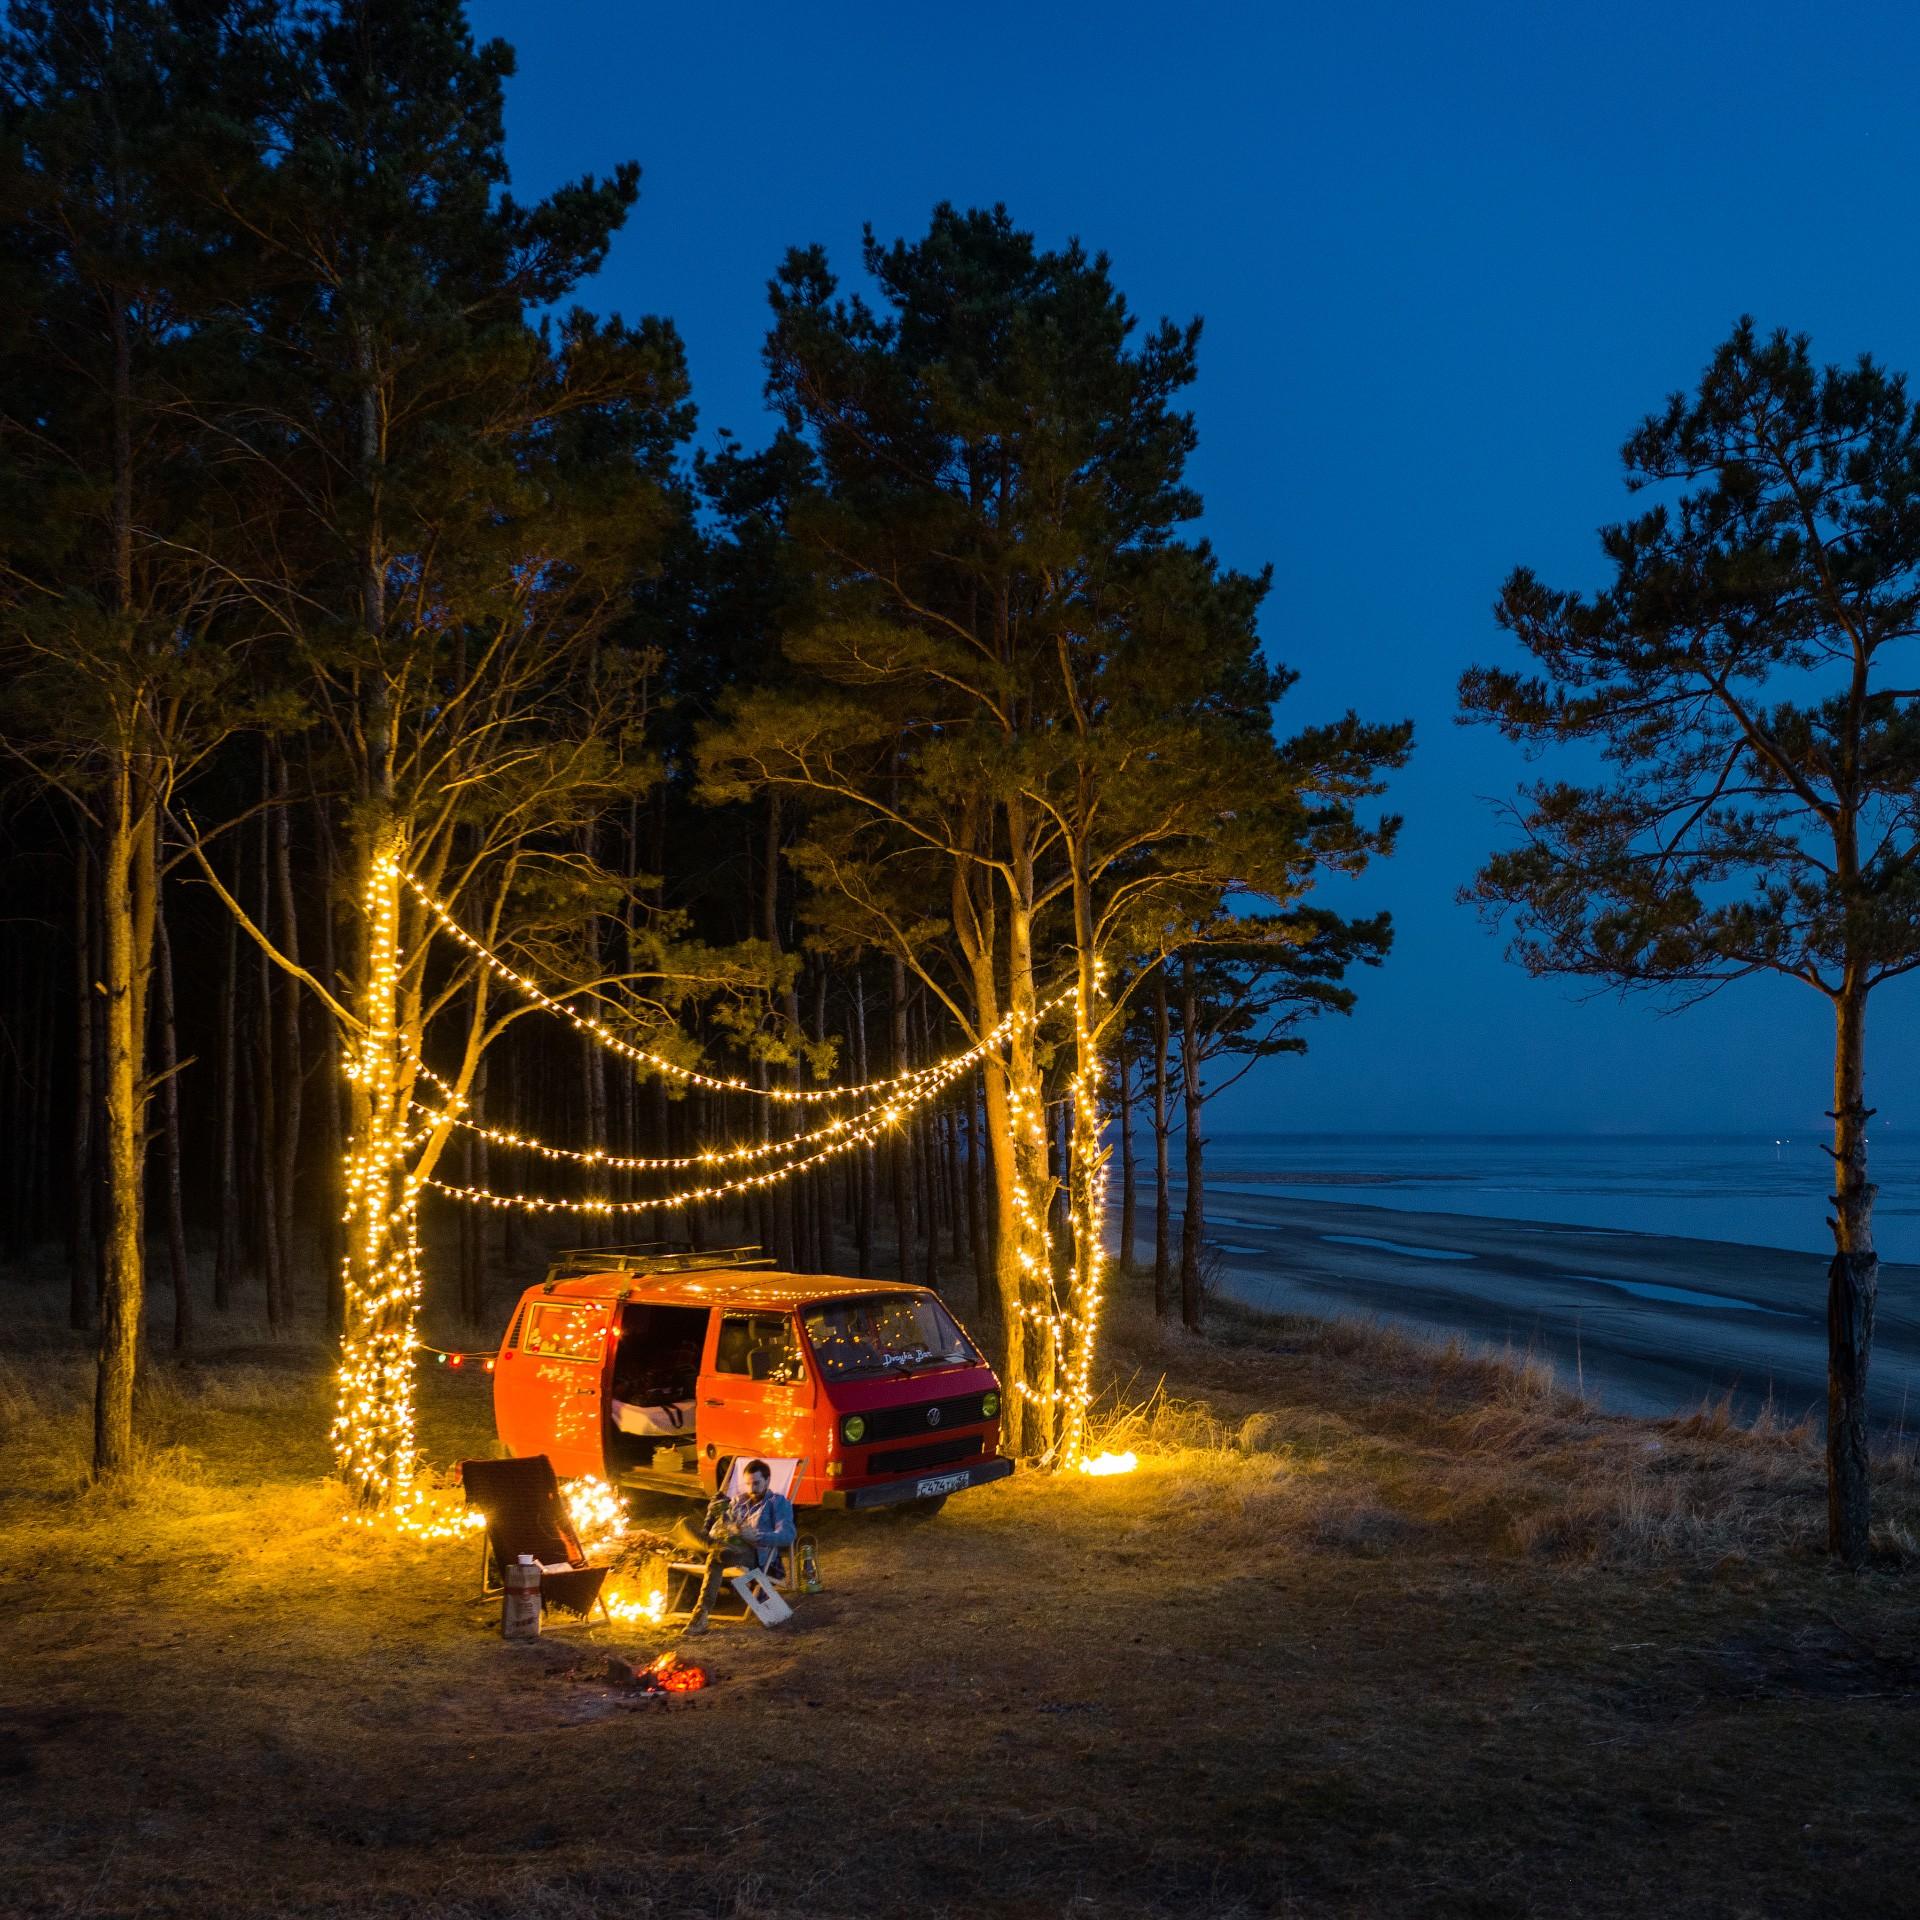 Пейзажи на берегу Оби вдохновляют на уютные и красивые кадры